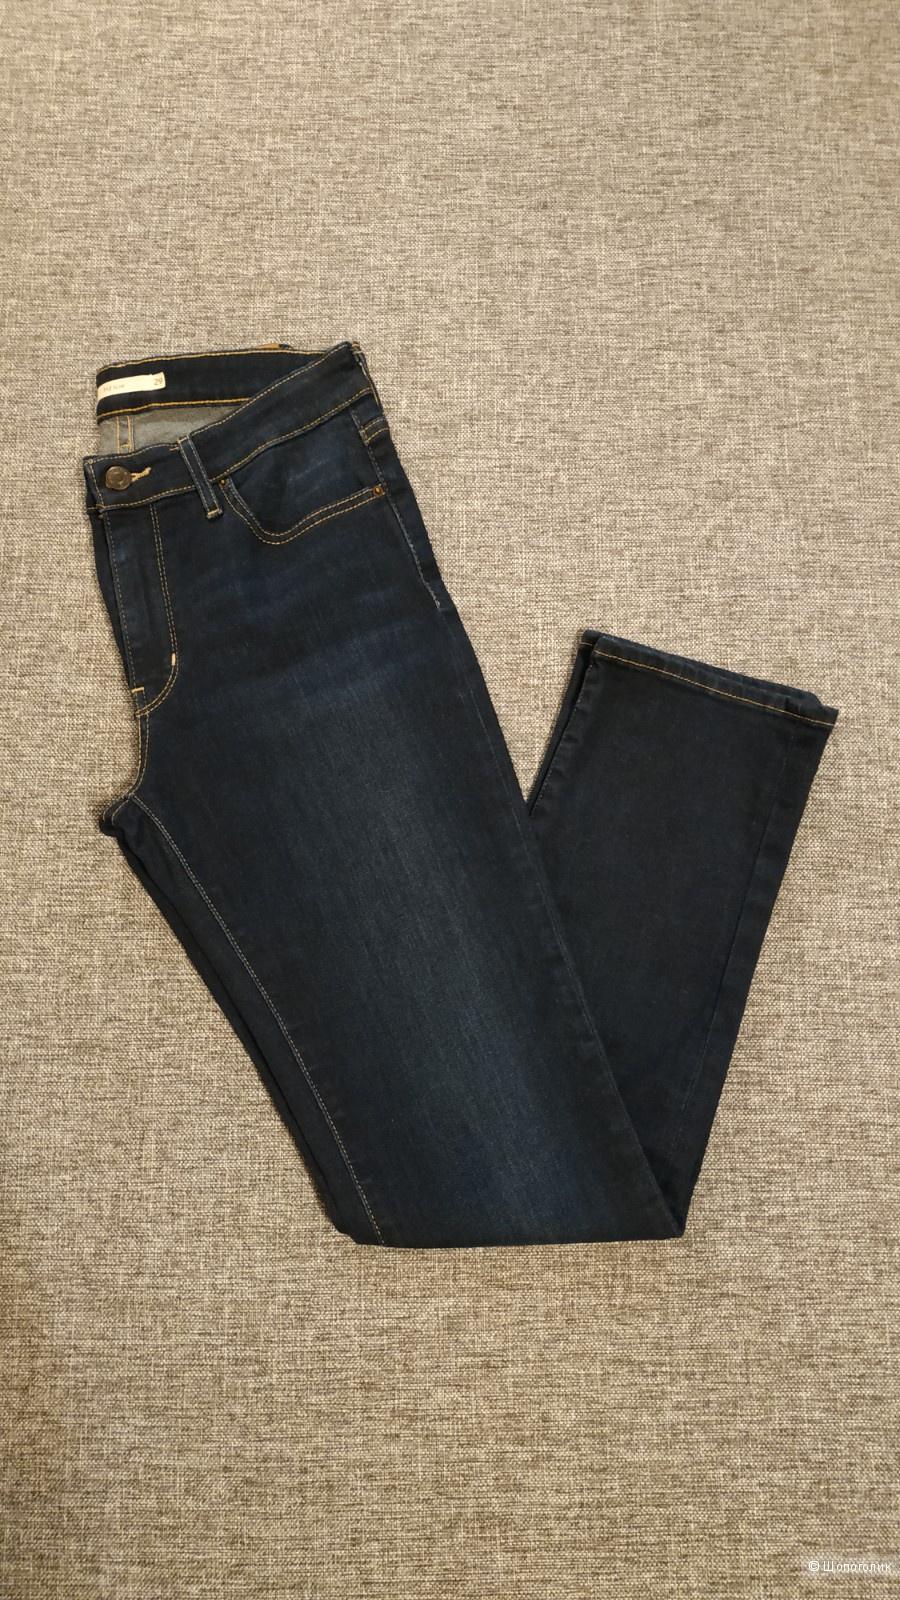 Джинсы Levi's 712 Slim, W29 L30